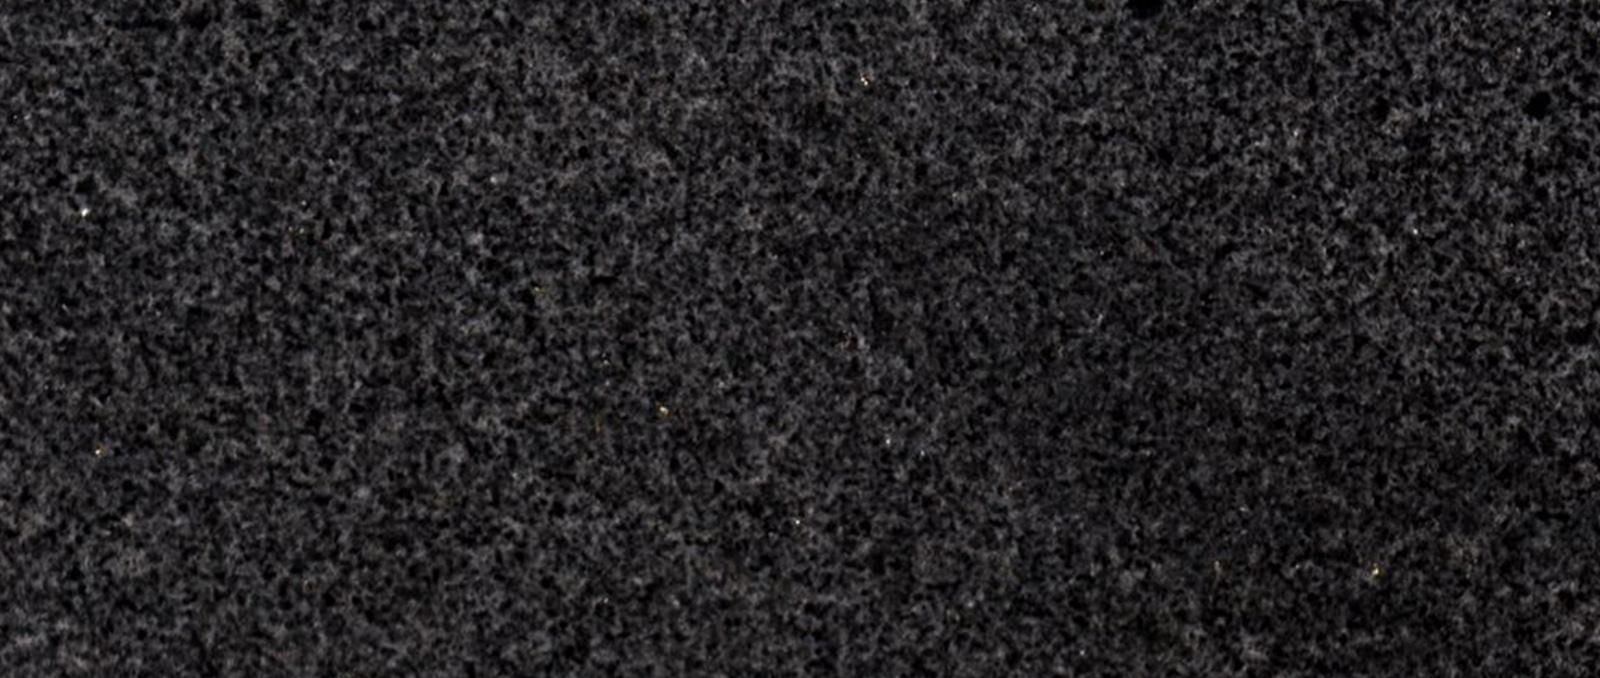 vreaupiatra-granit-negru-piper-banner